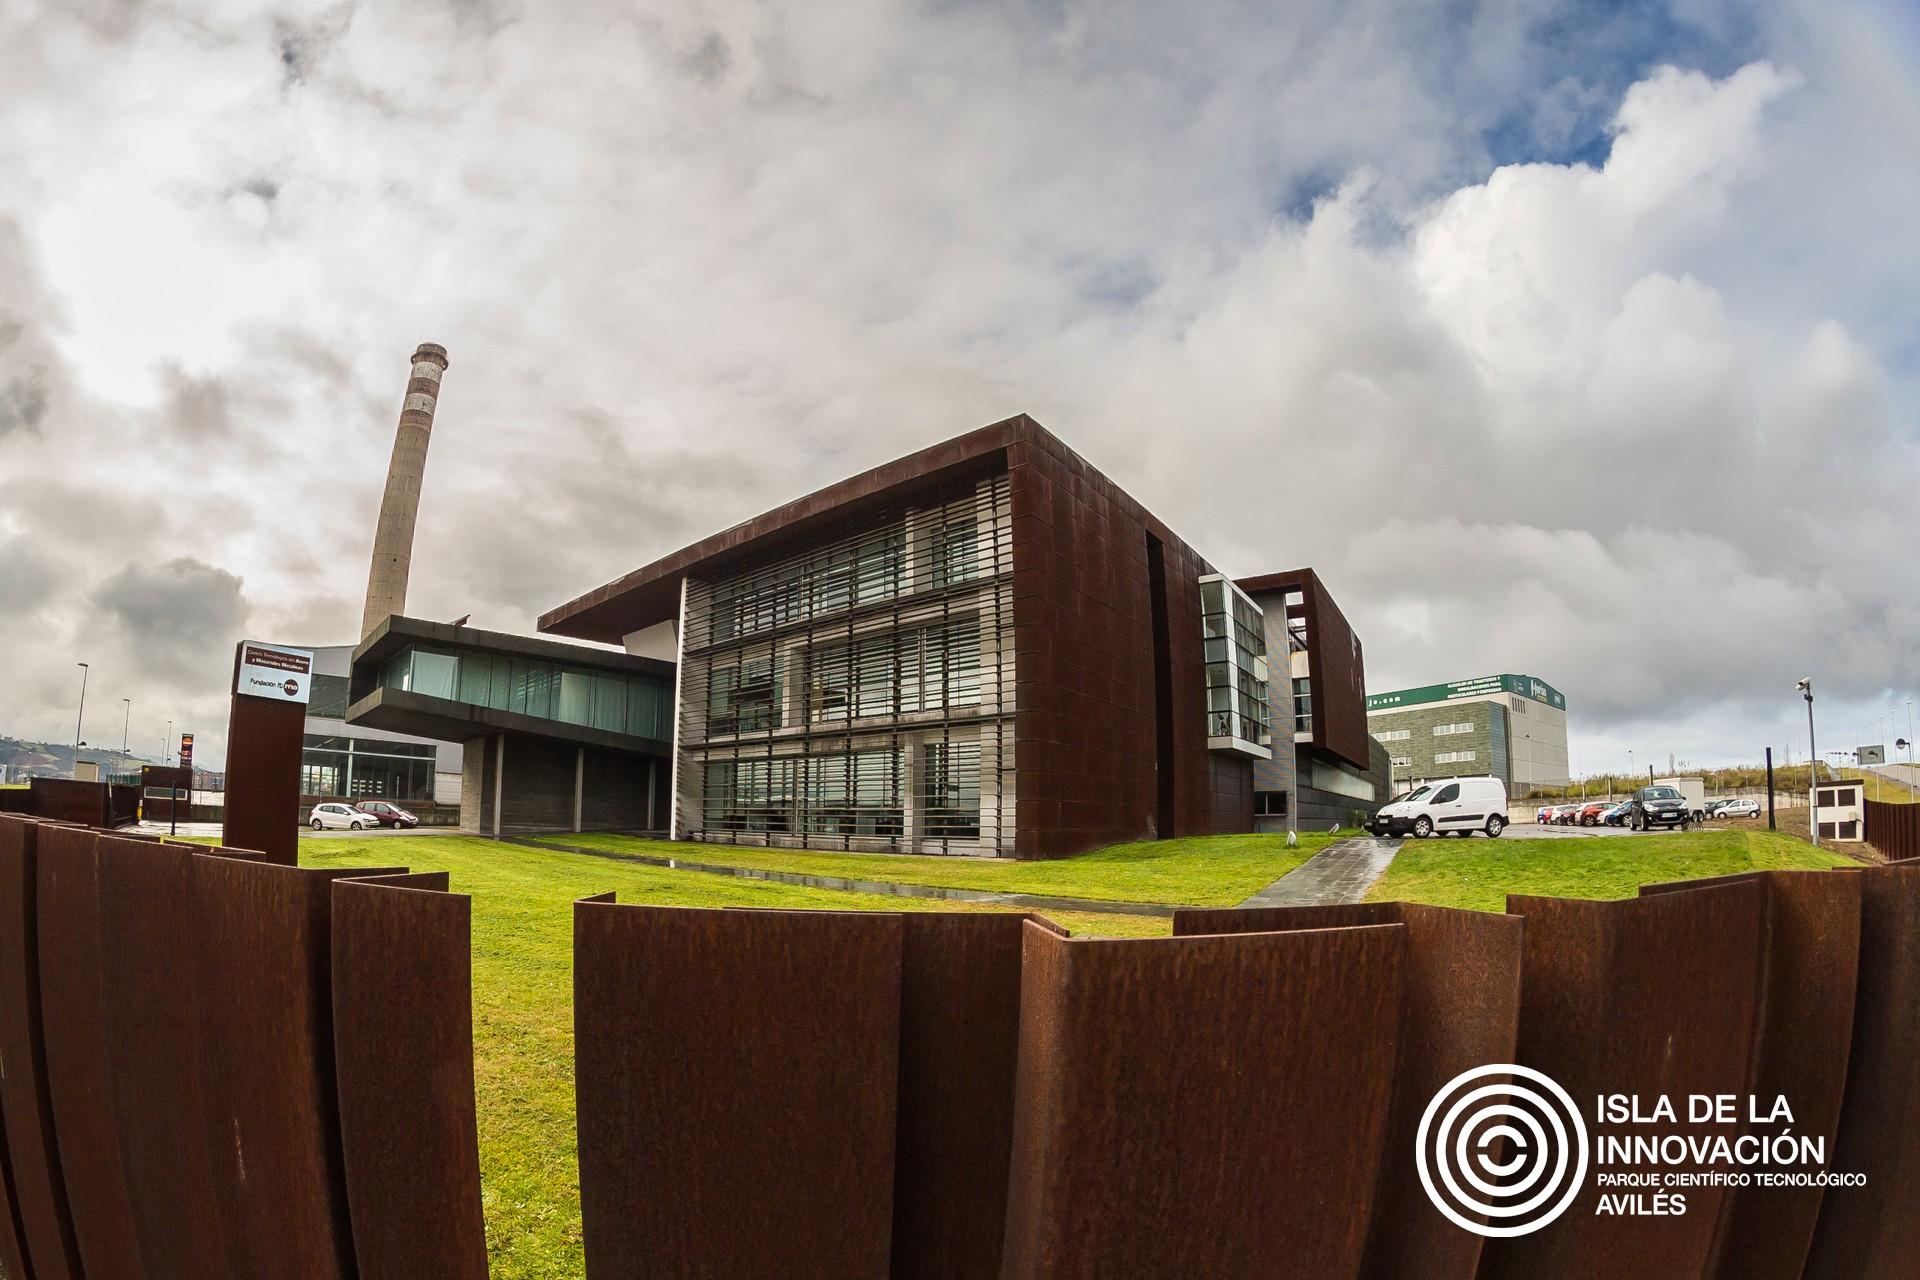 Parque Científico Tecnológico Avilés Isla de la Innovación